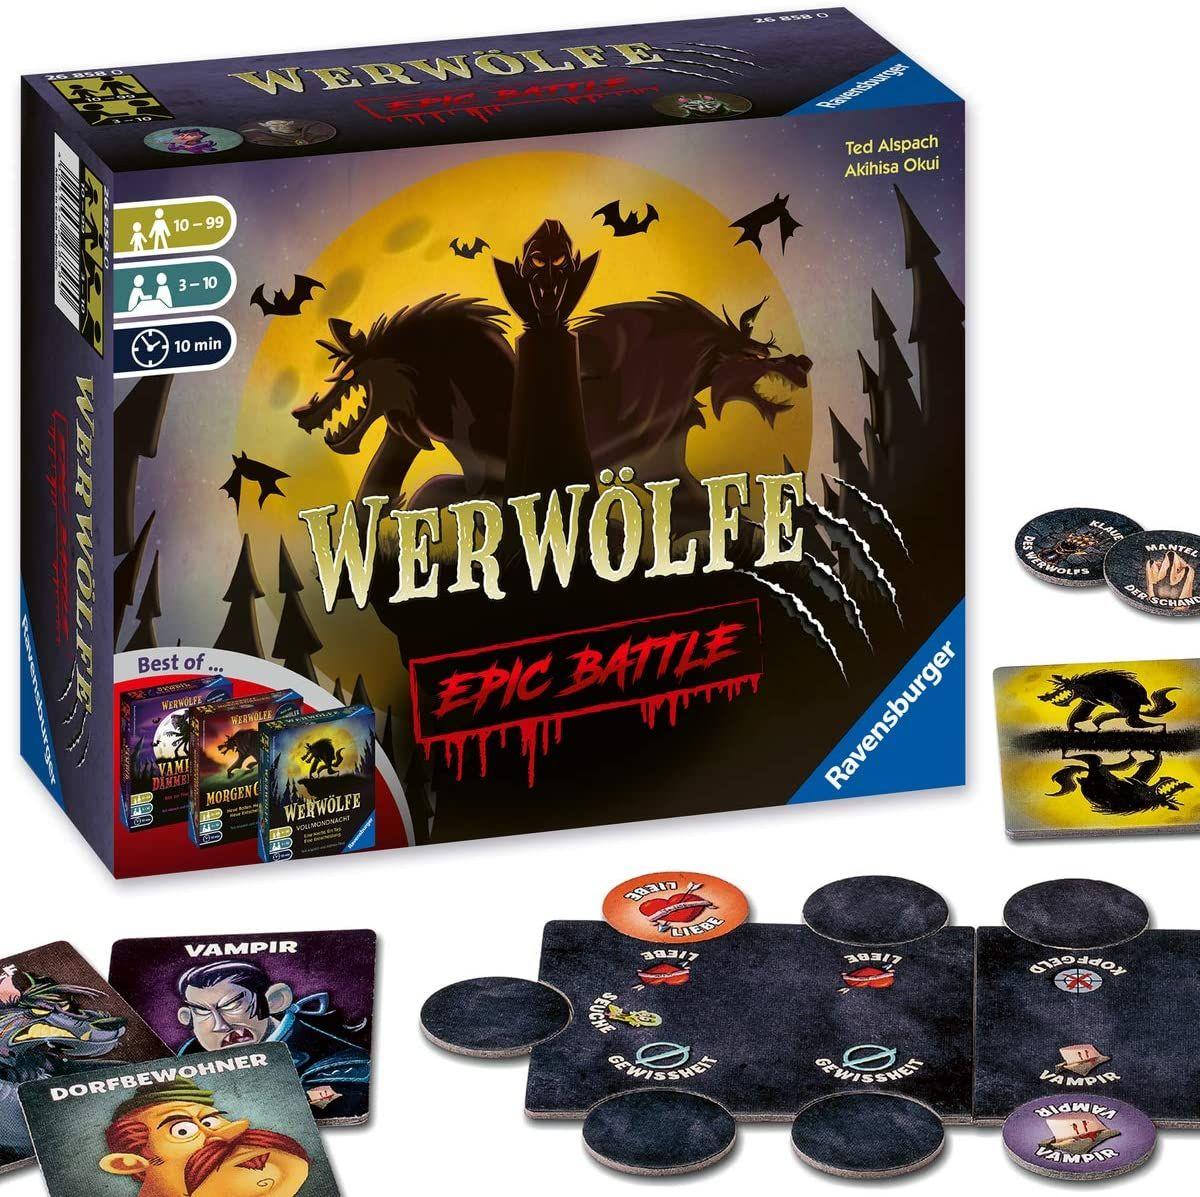 [Amazon UK] Brettspiele Sammeldeal (11), z.B. Ravensburger 26858 - Werwölfe - Epic Battle (deutsche Versionen)